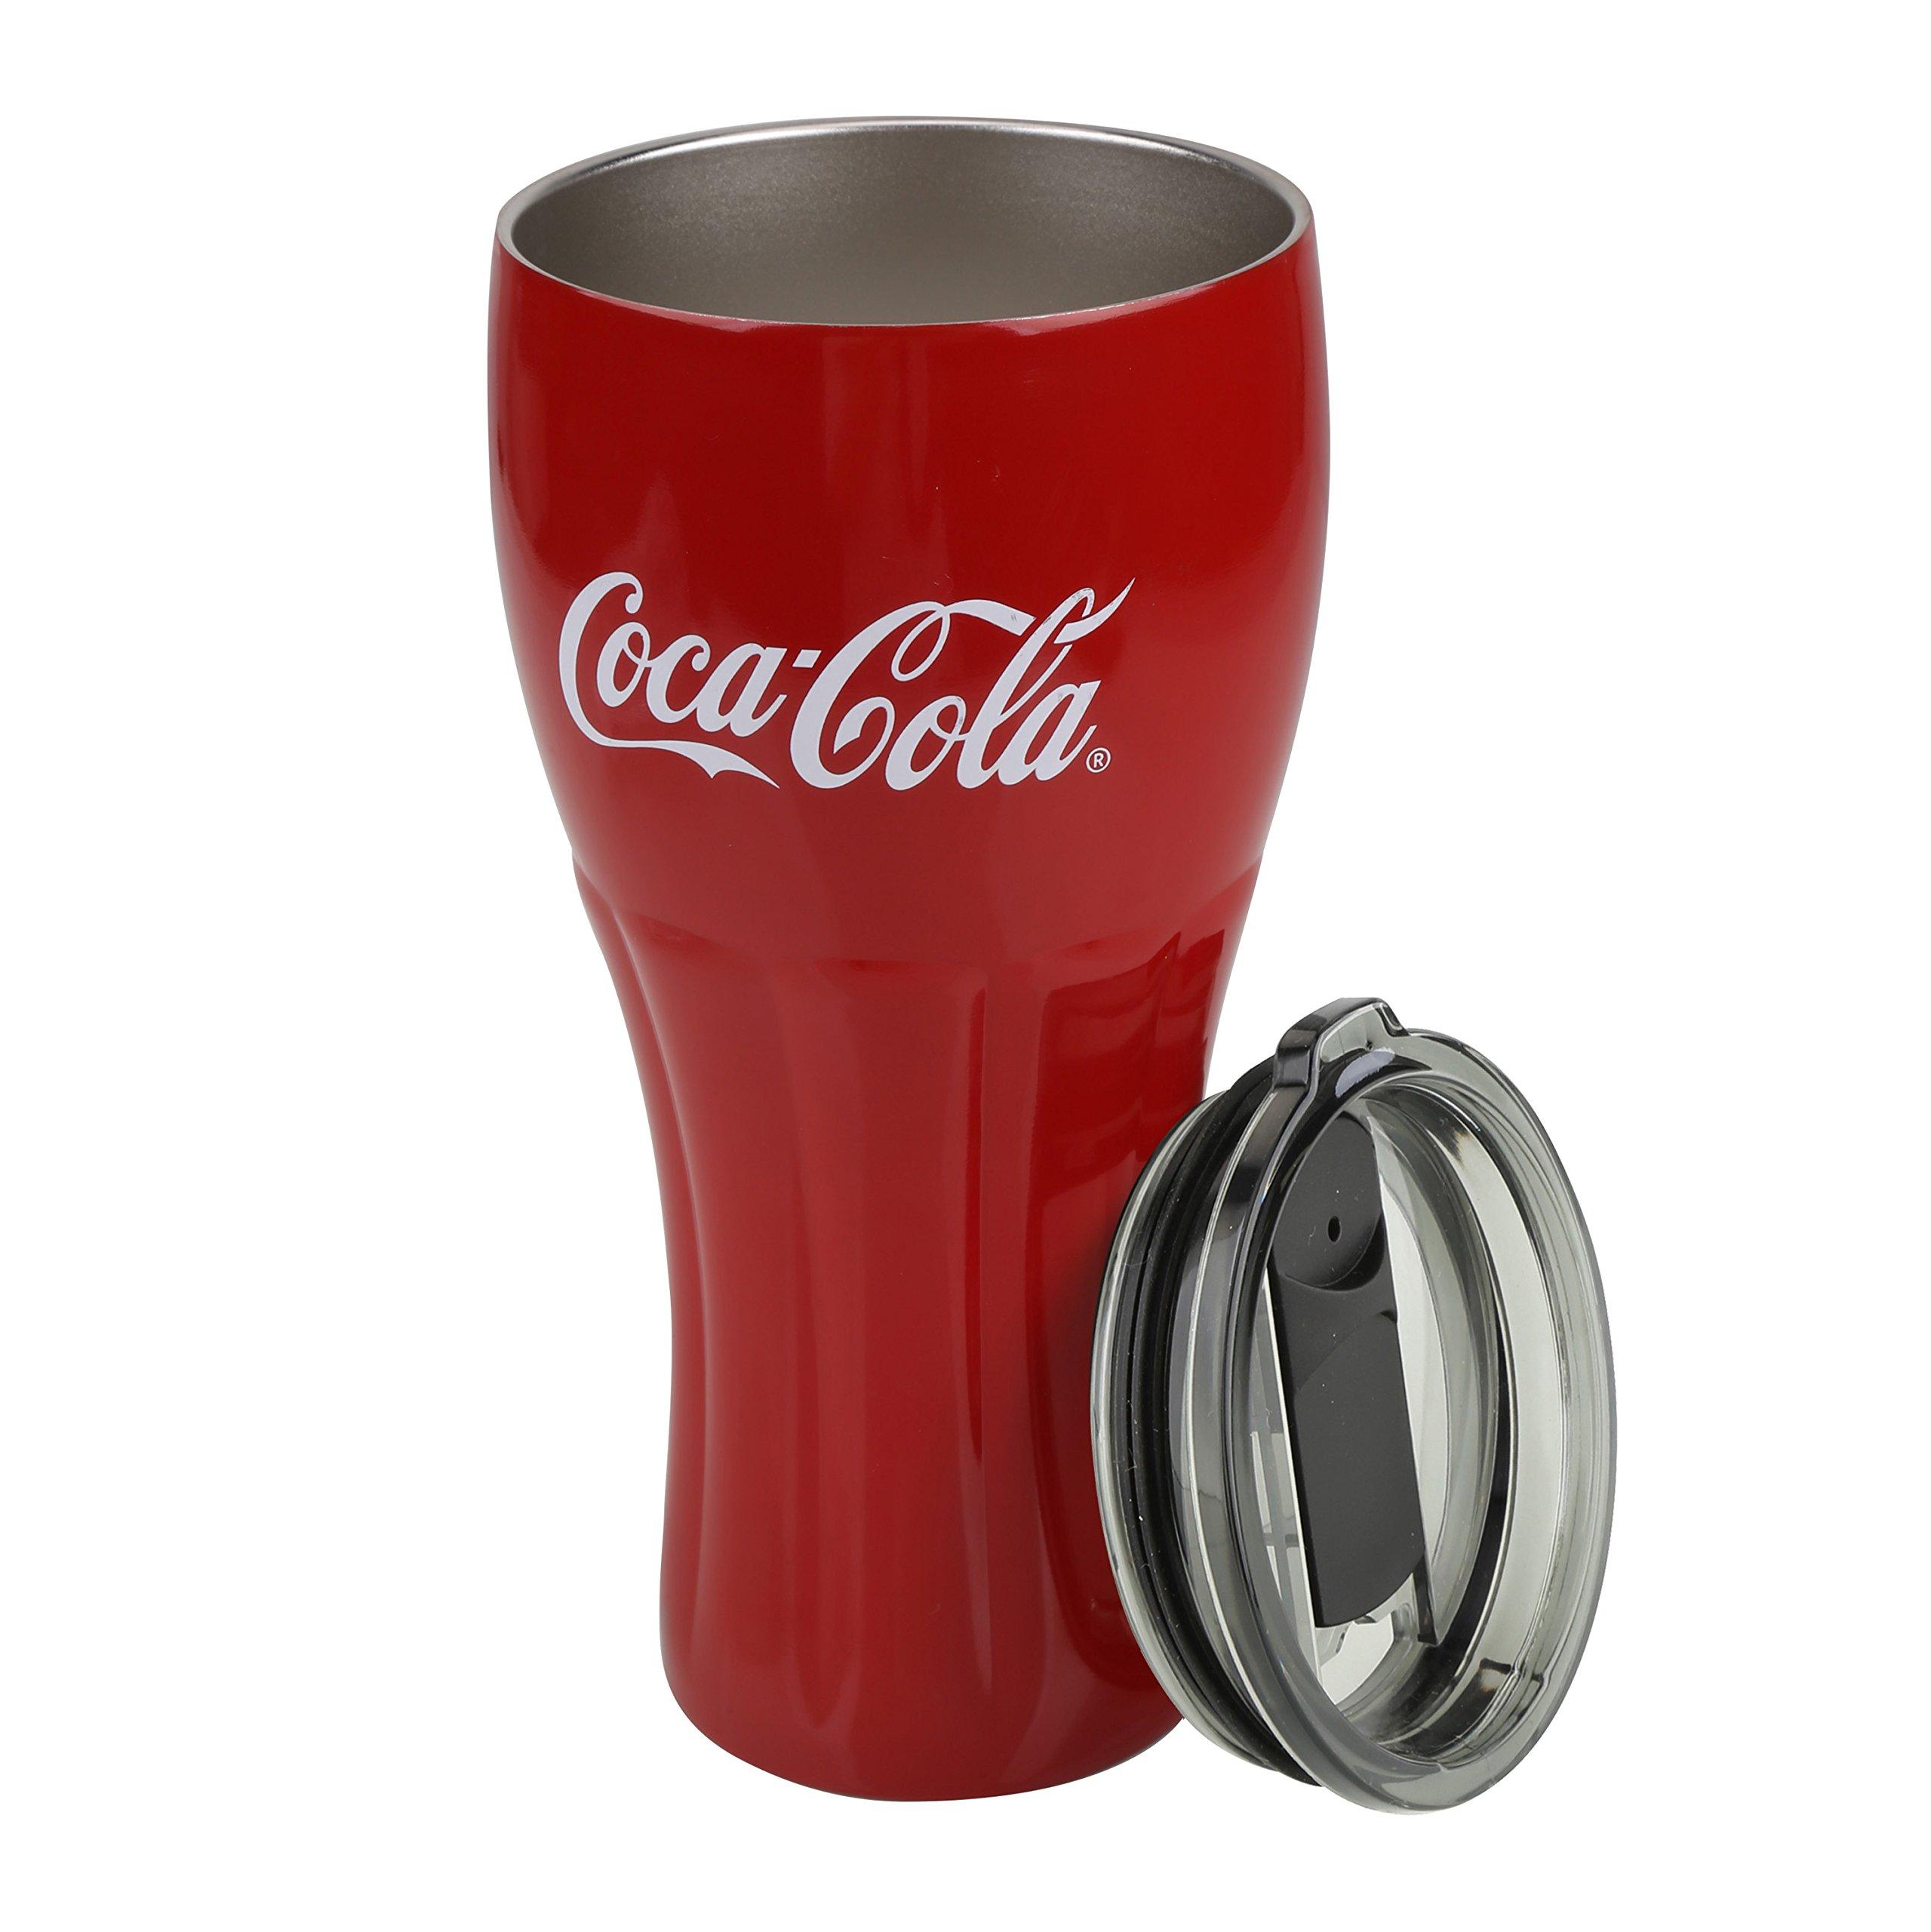 Coca-Cola 86-011 24-ounce Tumbler, 24 oz